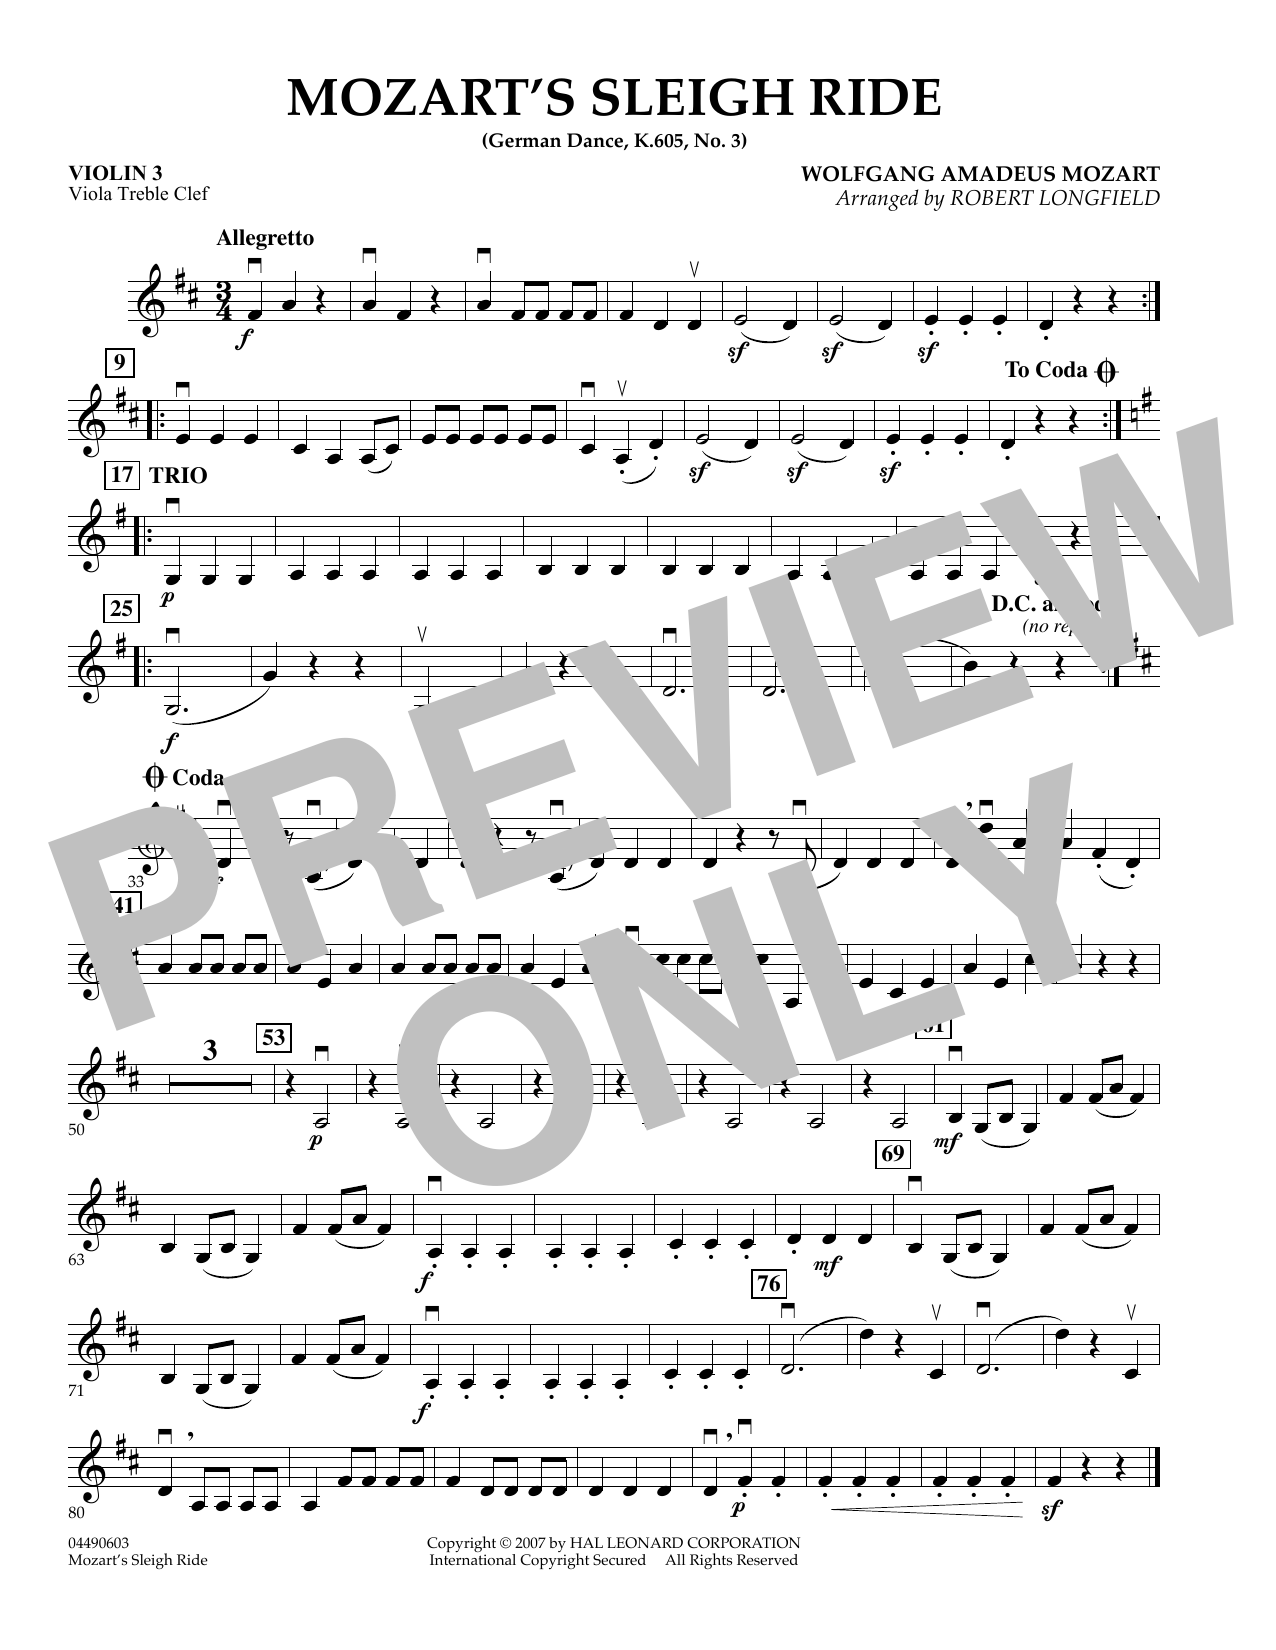 Mozart's Sleigh Ride (German Dance, K.605, No.3) - Violin 3 (Viola Treble Clef) (Orchestra)